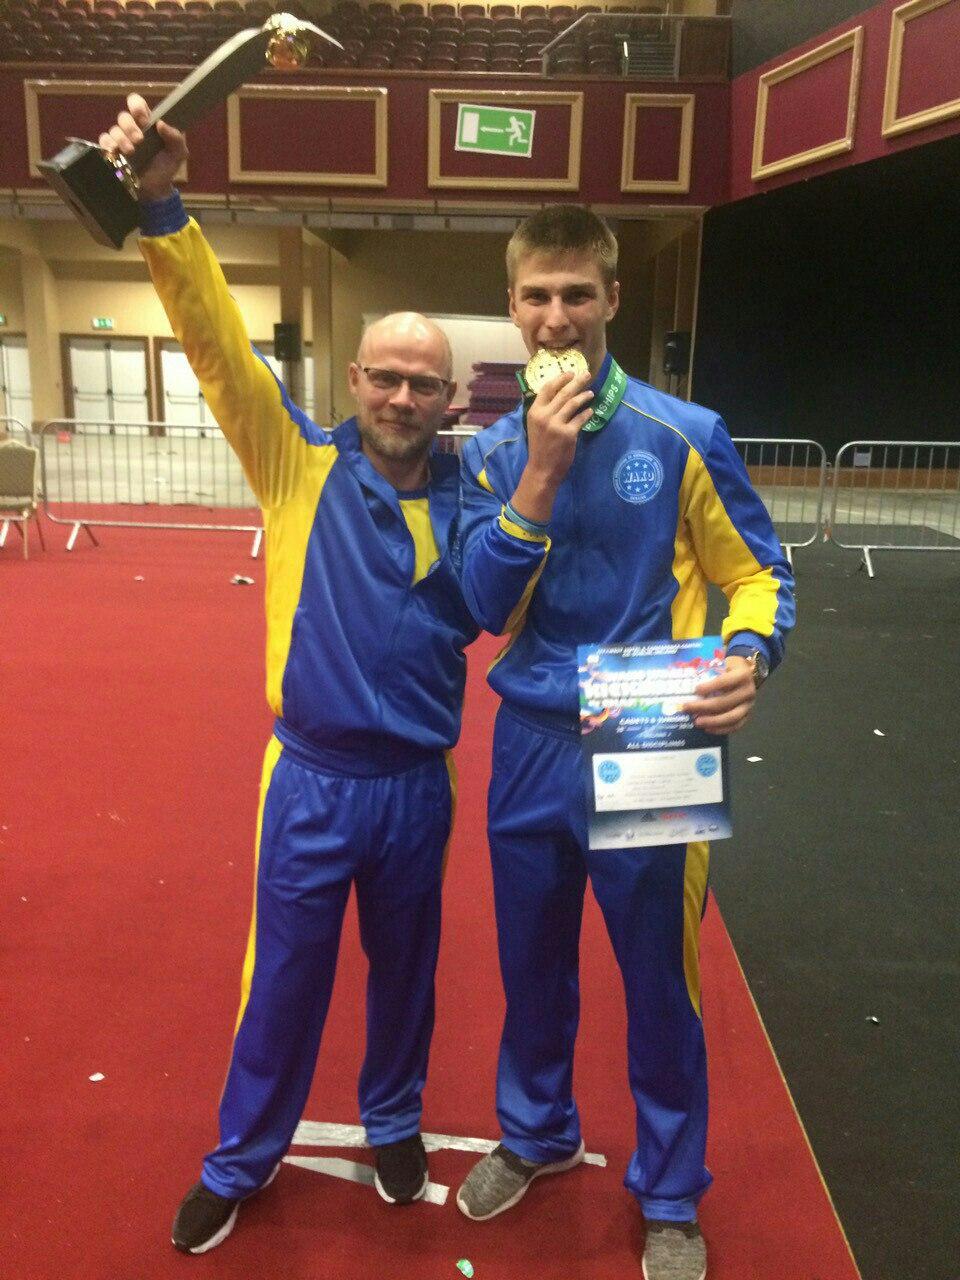 Миколаївець виграв Чемпіонат світу Чемпіонат світу з кікбоксингу - фото 1